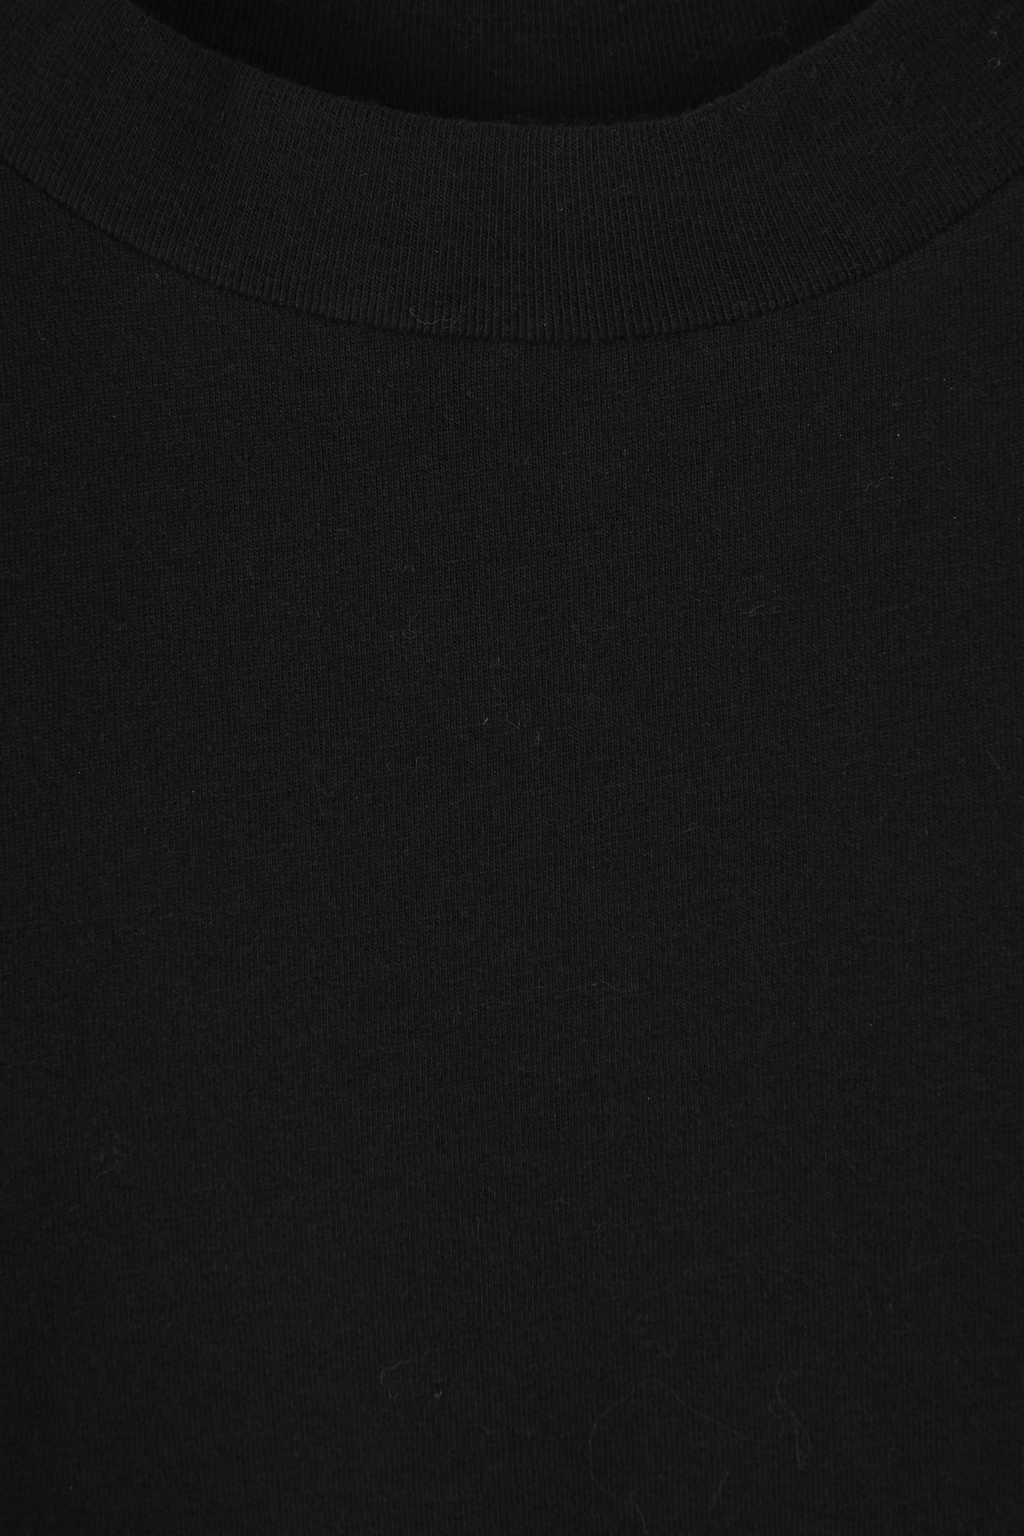 TShirt 2972 Black 19